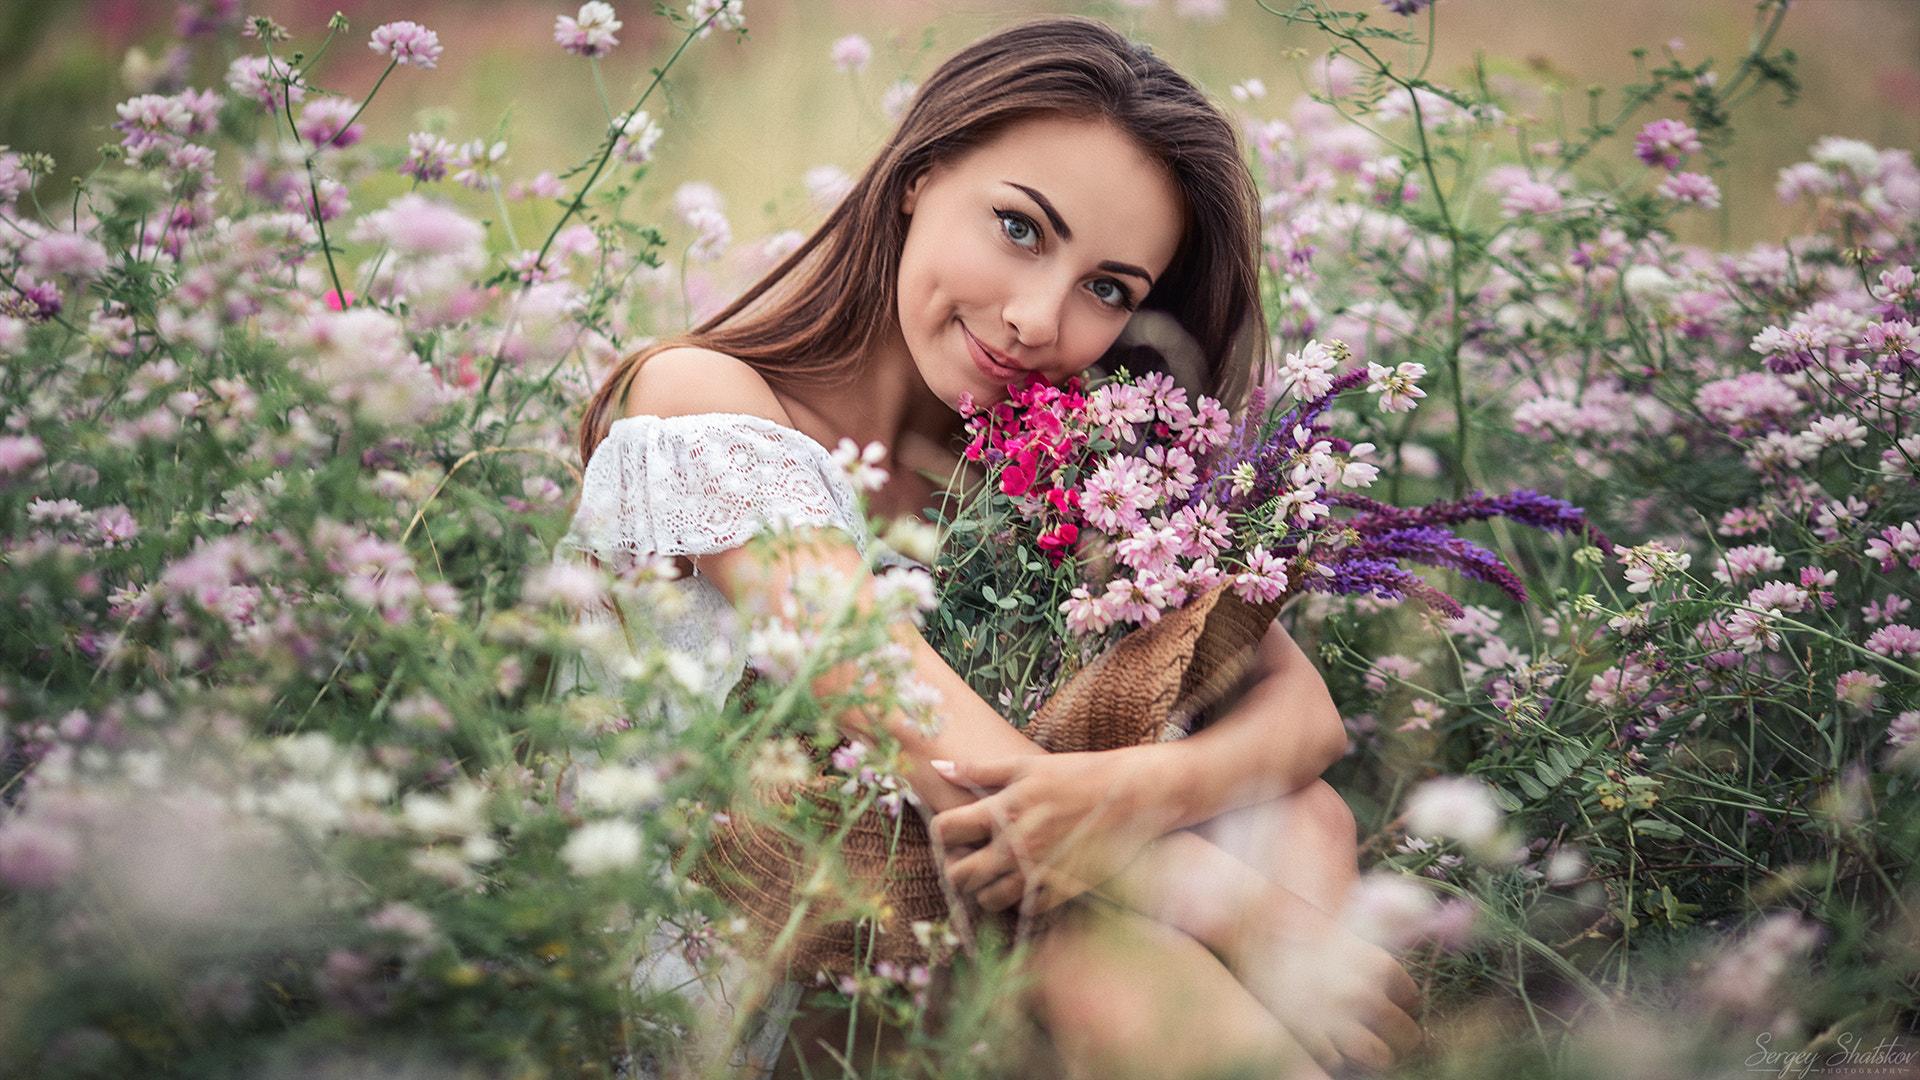 Полевые цветы и женщина фото